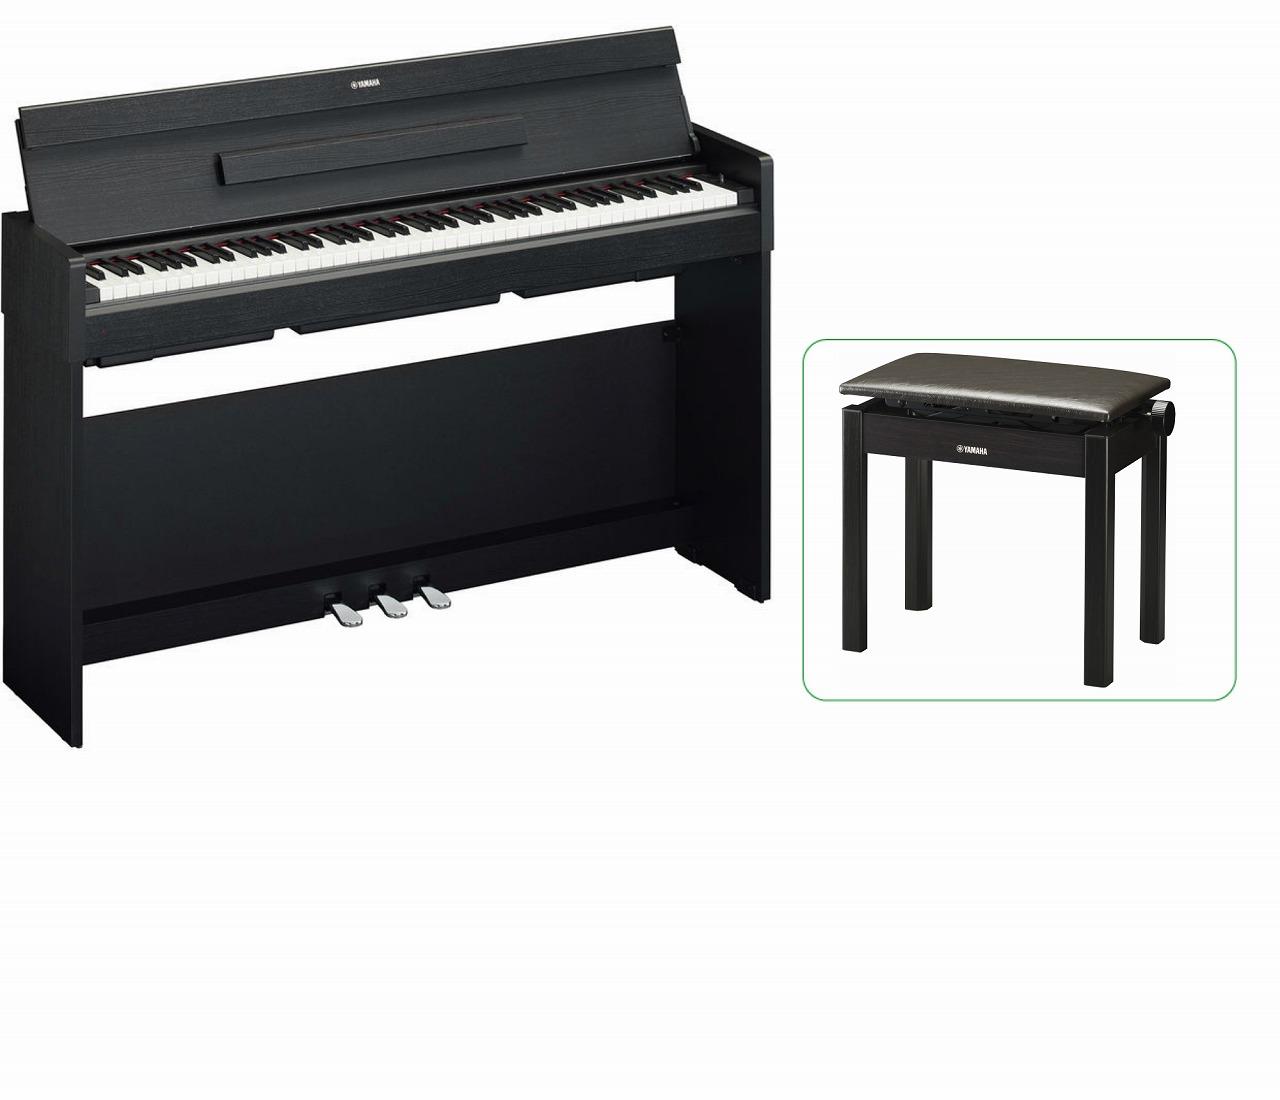 【お客様組立て品】【専用高低椅子付セット】YAMAHA ARIUS YDP-S34 B ヤマハ 電子ピアノ ブラックウッド